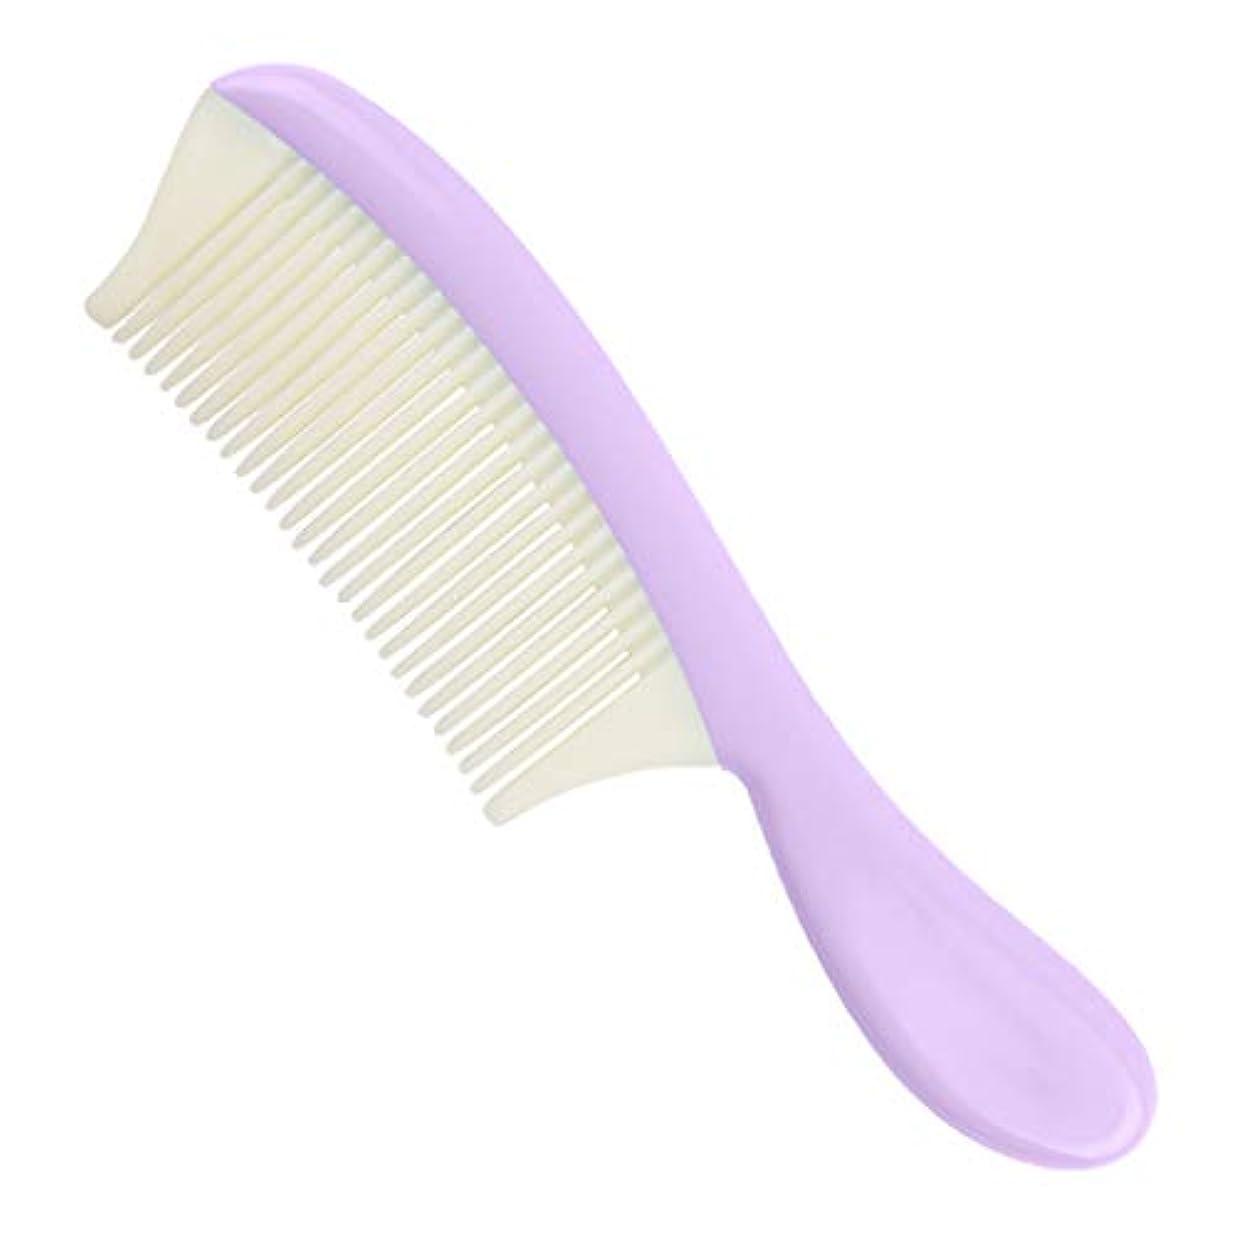 帳面然とした薬剤師ヘアコーム 取り外し可能 細かい歯 ヘアブラシ 髪の櫛 全4色 - 紫